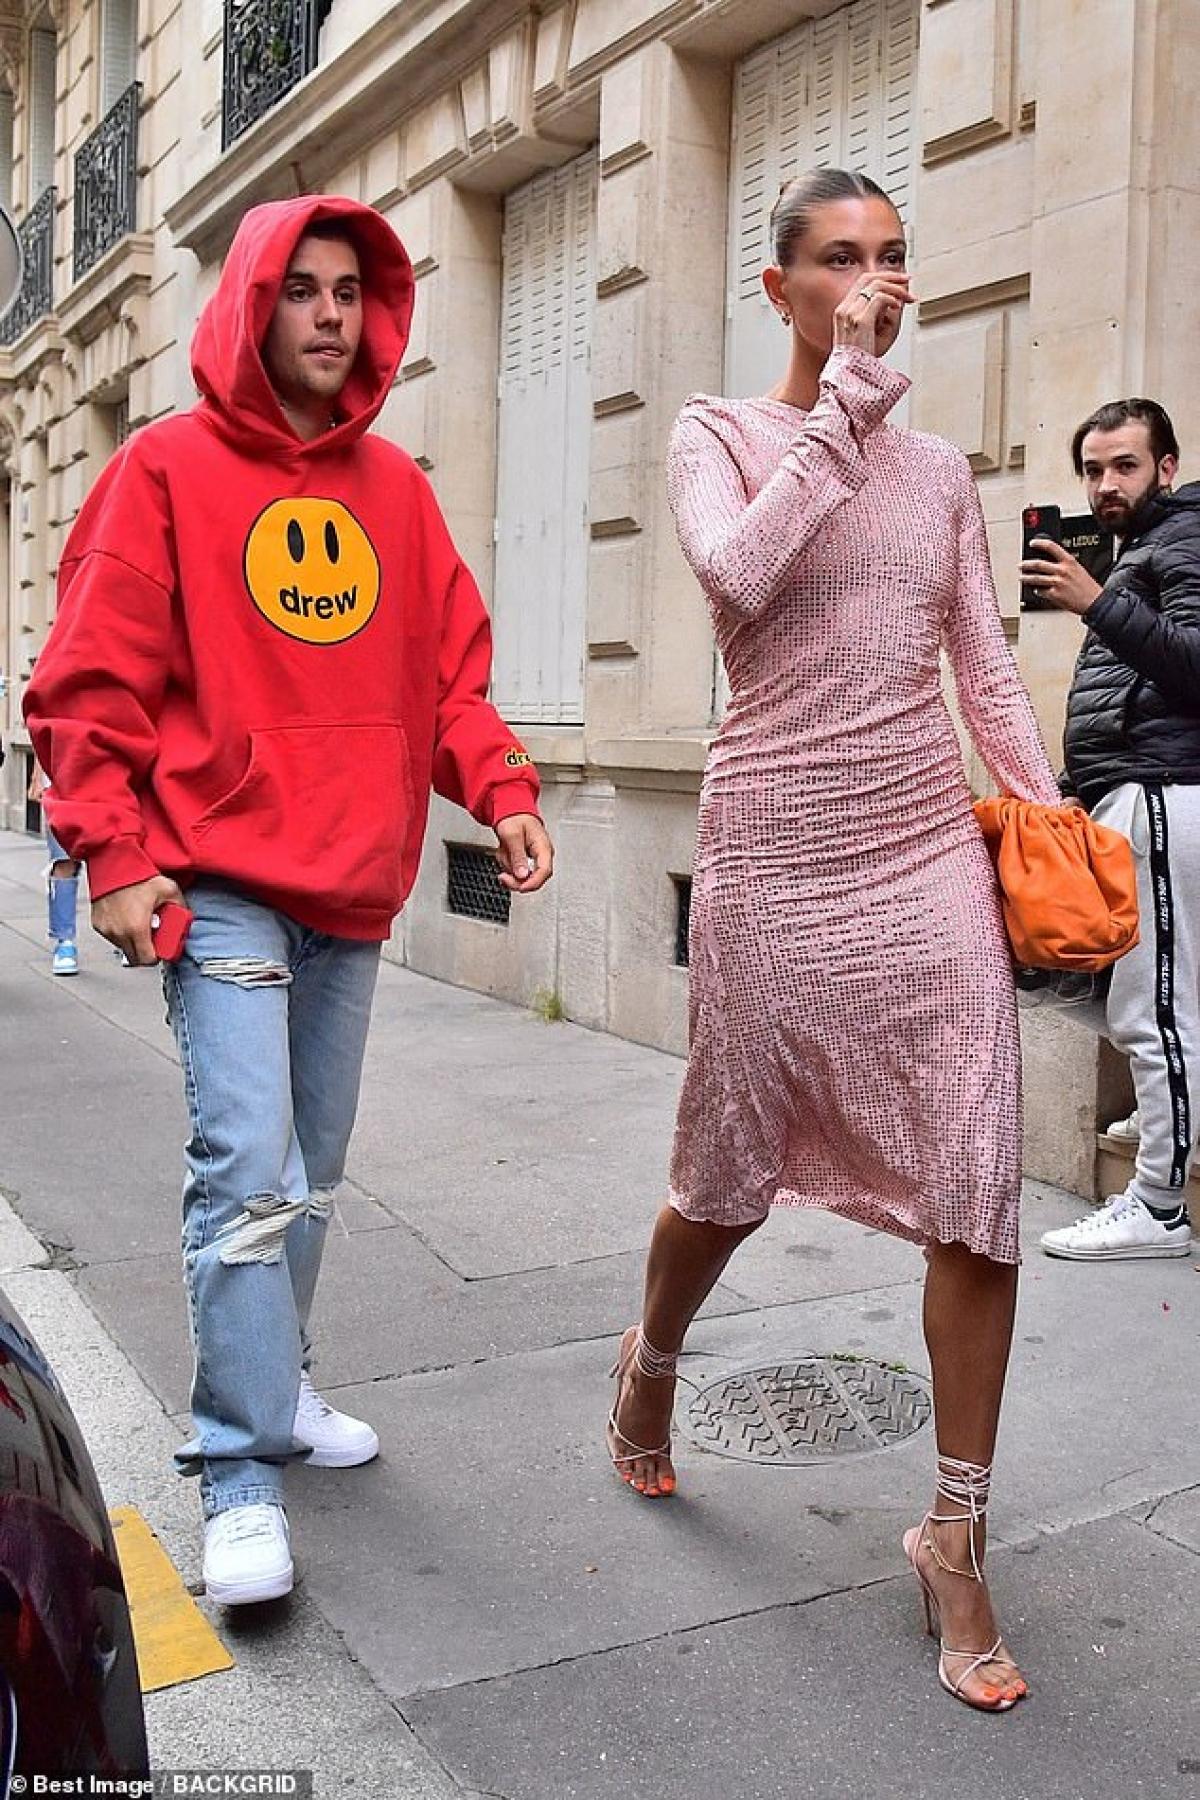 Cựu người mẫu diện đầm bó màu hồng nổi bật, khoe khéo đường cong nóng bỏng và vóc dáng thanh mảnh.